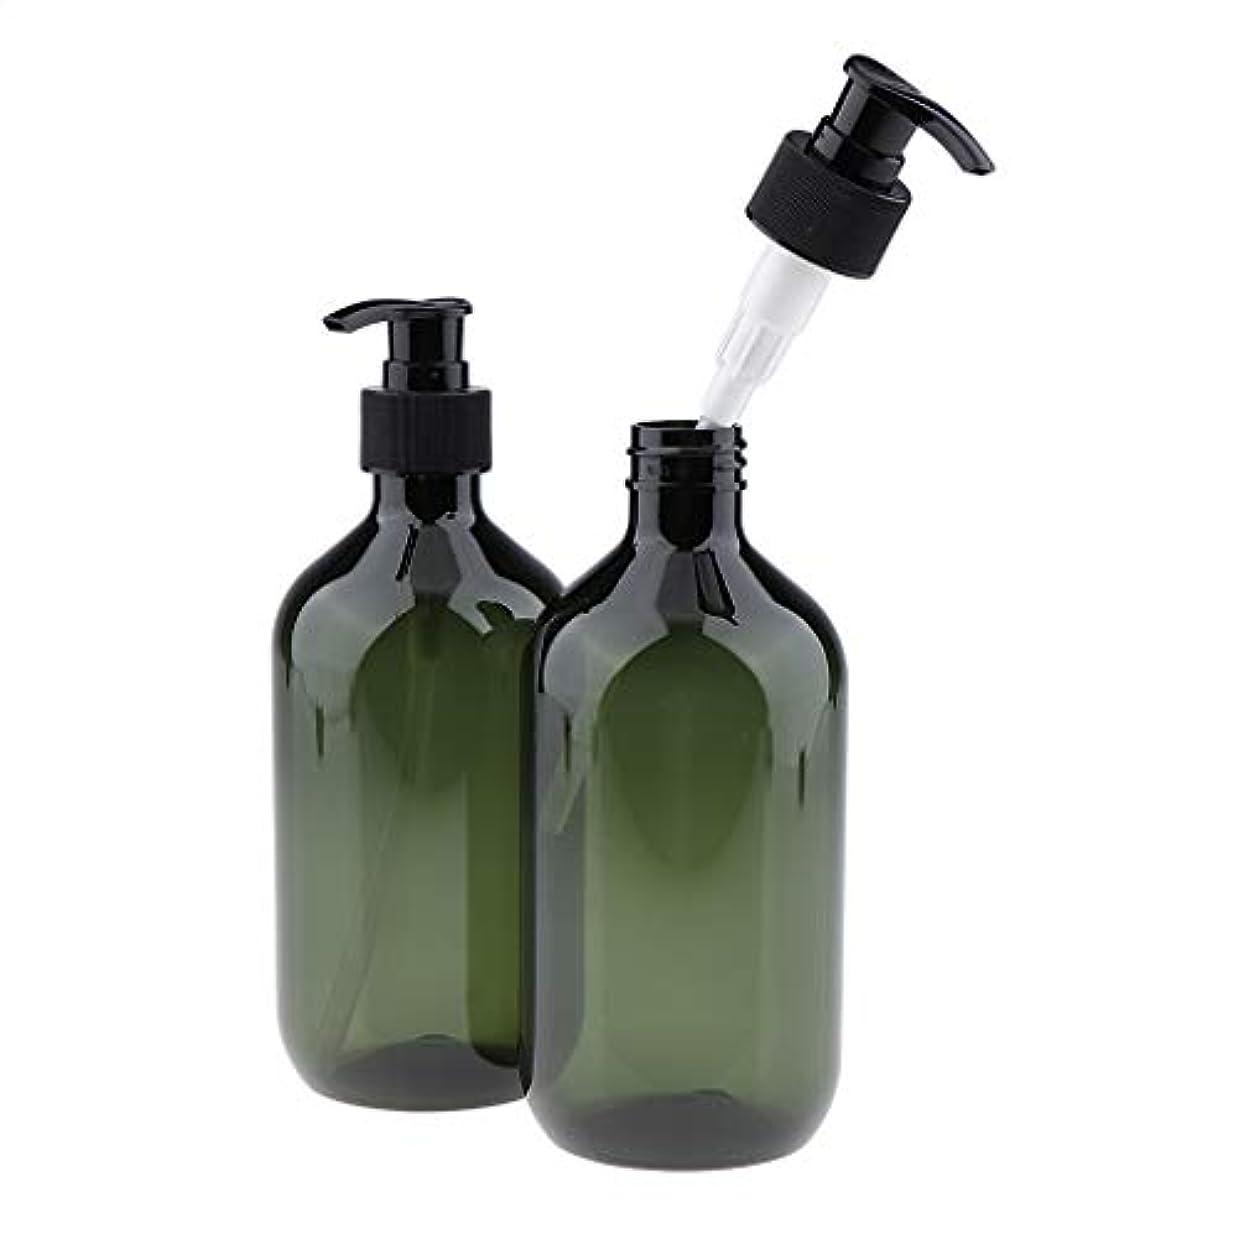 失業者フットボール服を片付ける液体石鹸、ローション、シャンプーとコンディショナー、エッセンシャルマッサージオイルのための2×16オンス500ミリリットル詰め替え式の空のポンプボトル/化粧品メイクアップディスペンサー - 緑